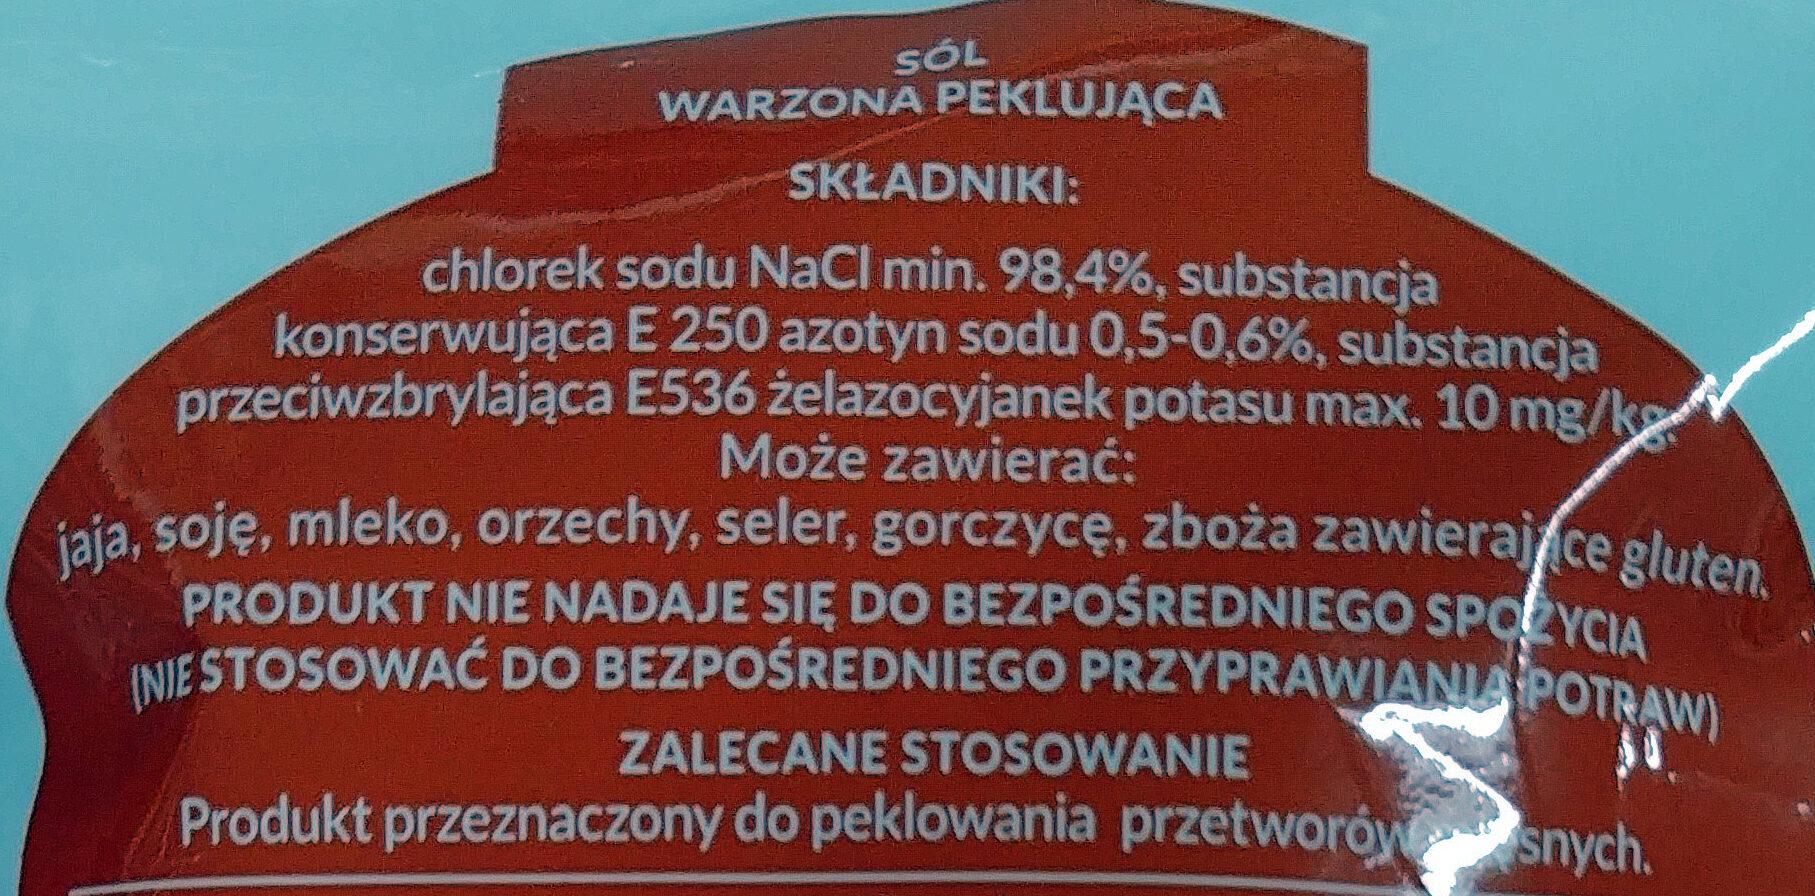 Sól peklująca warzona - Składniki - pl